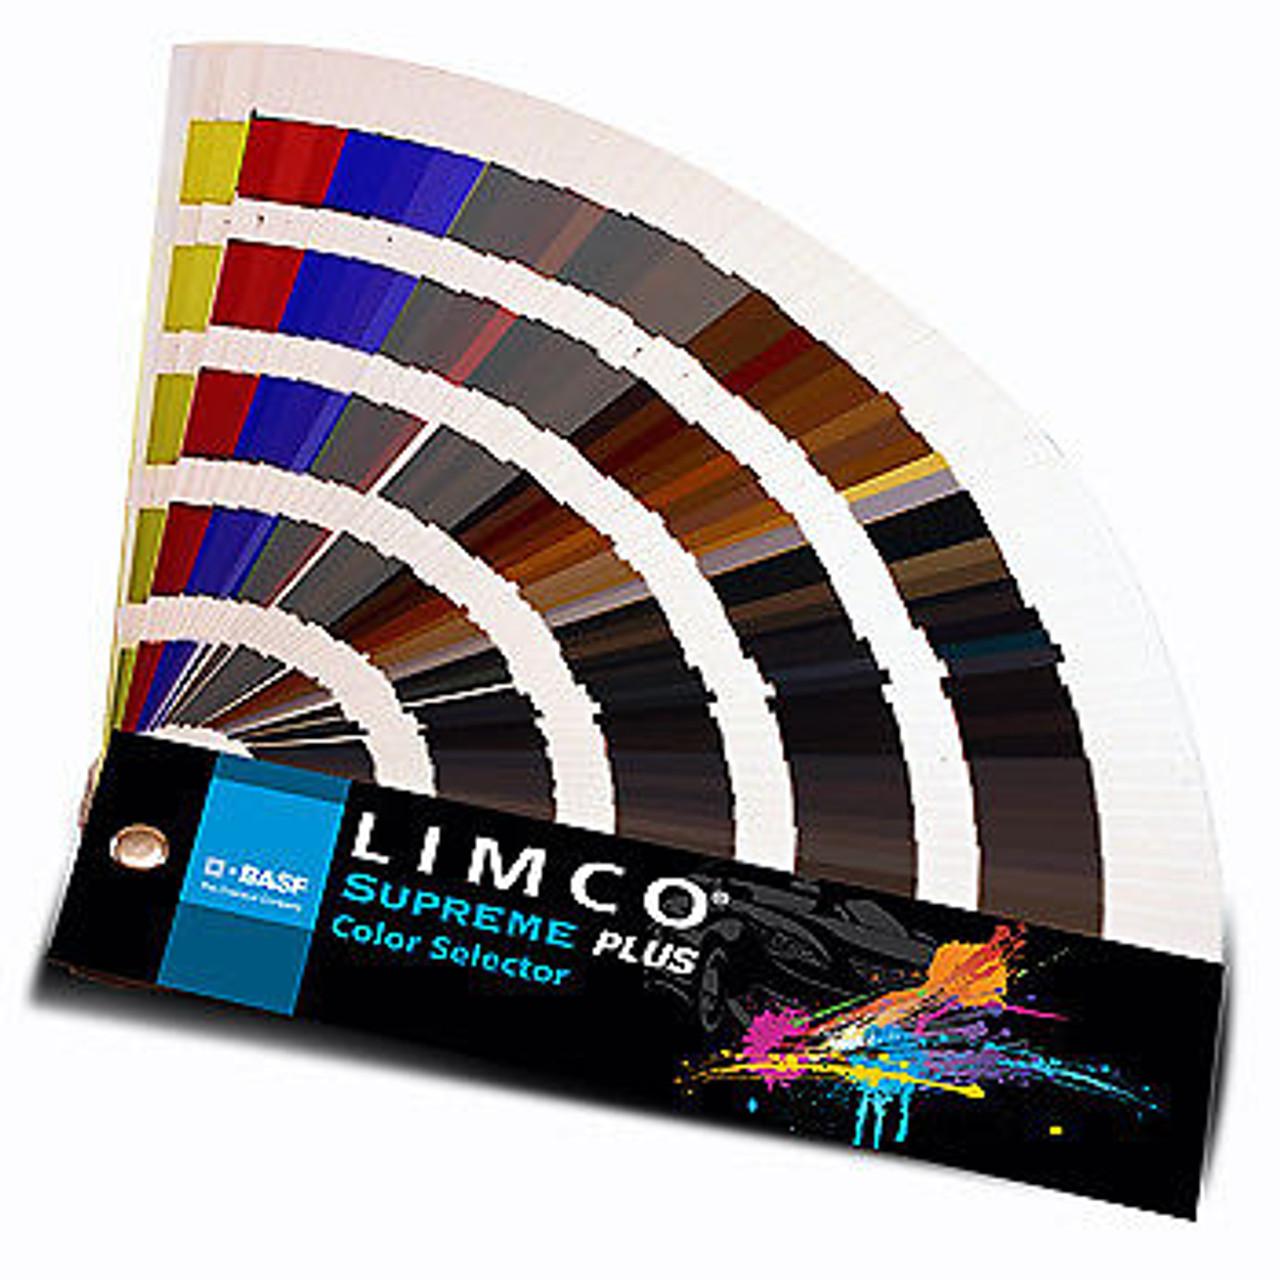 BASF Limco Supreme Plus 700+ Color Selector Fan Deck